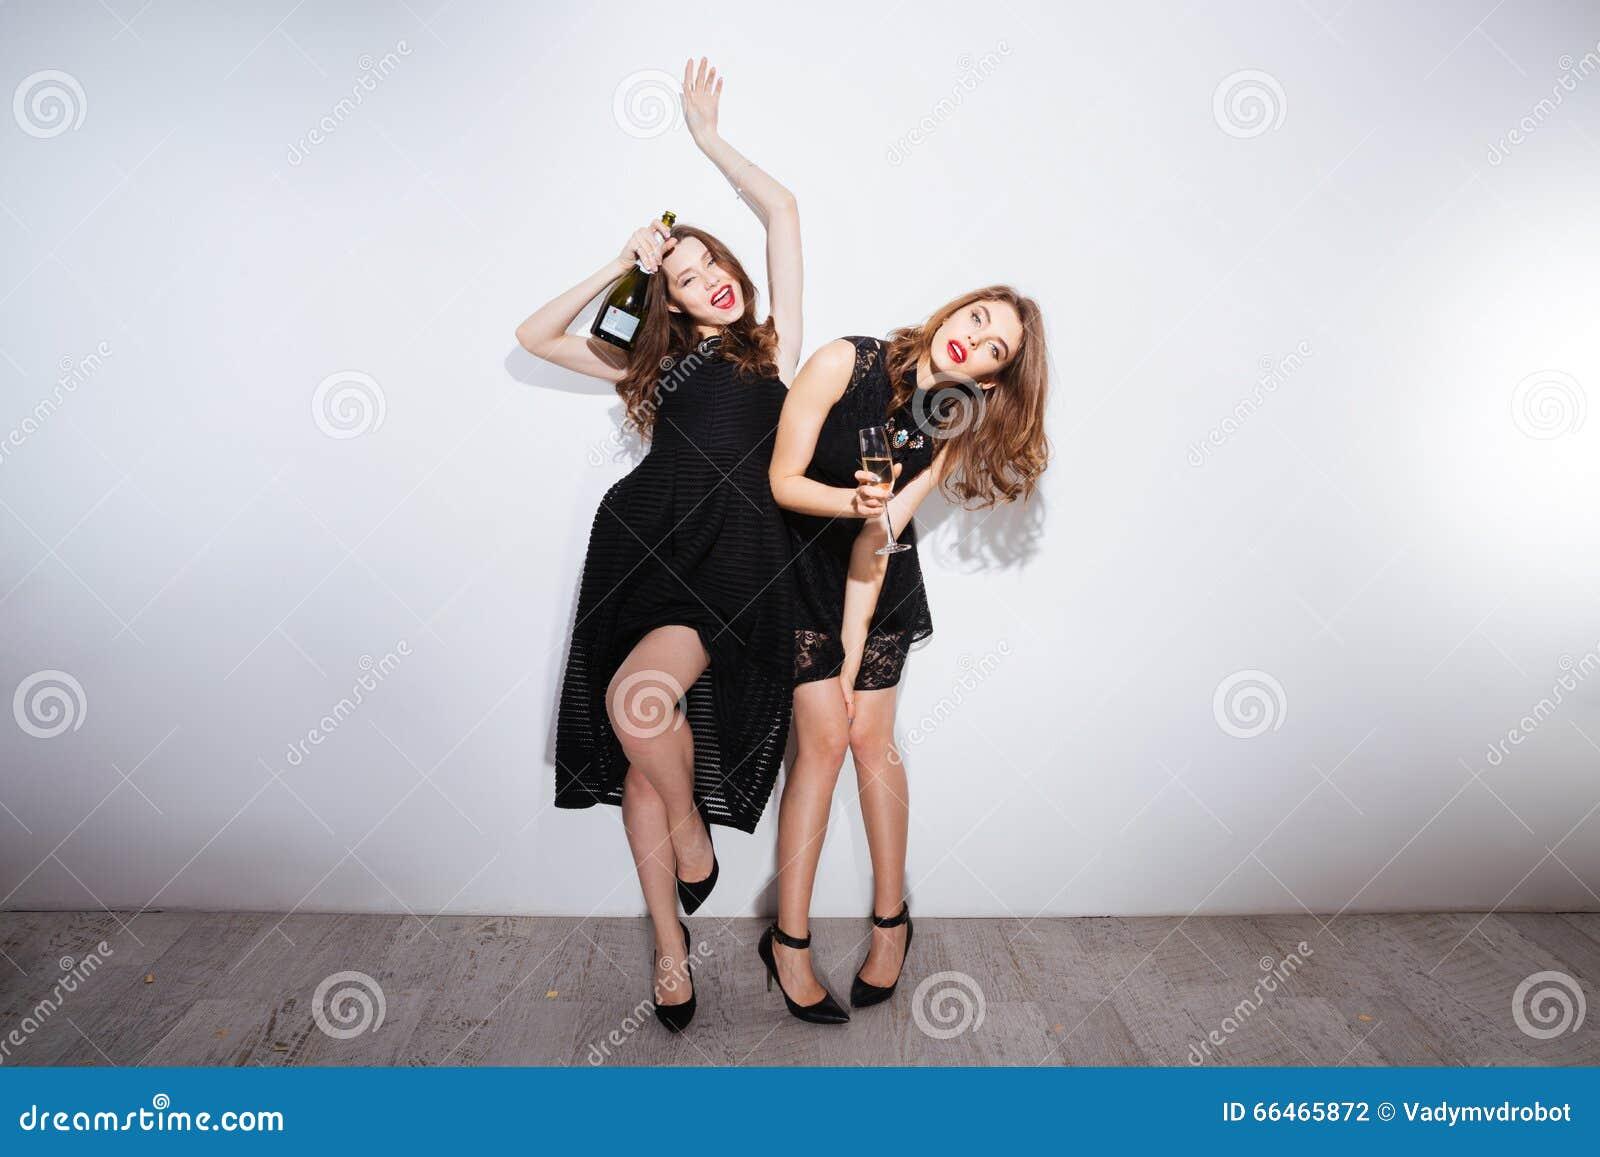 Most beautiful asian women-9239